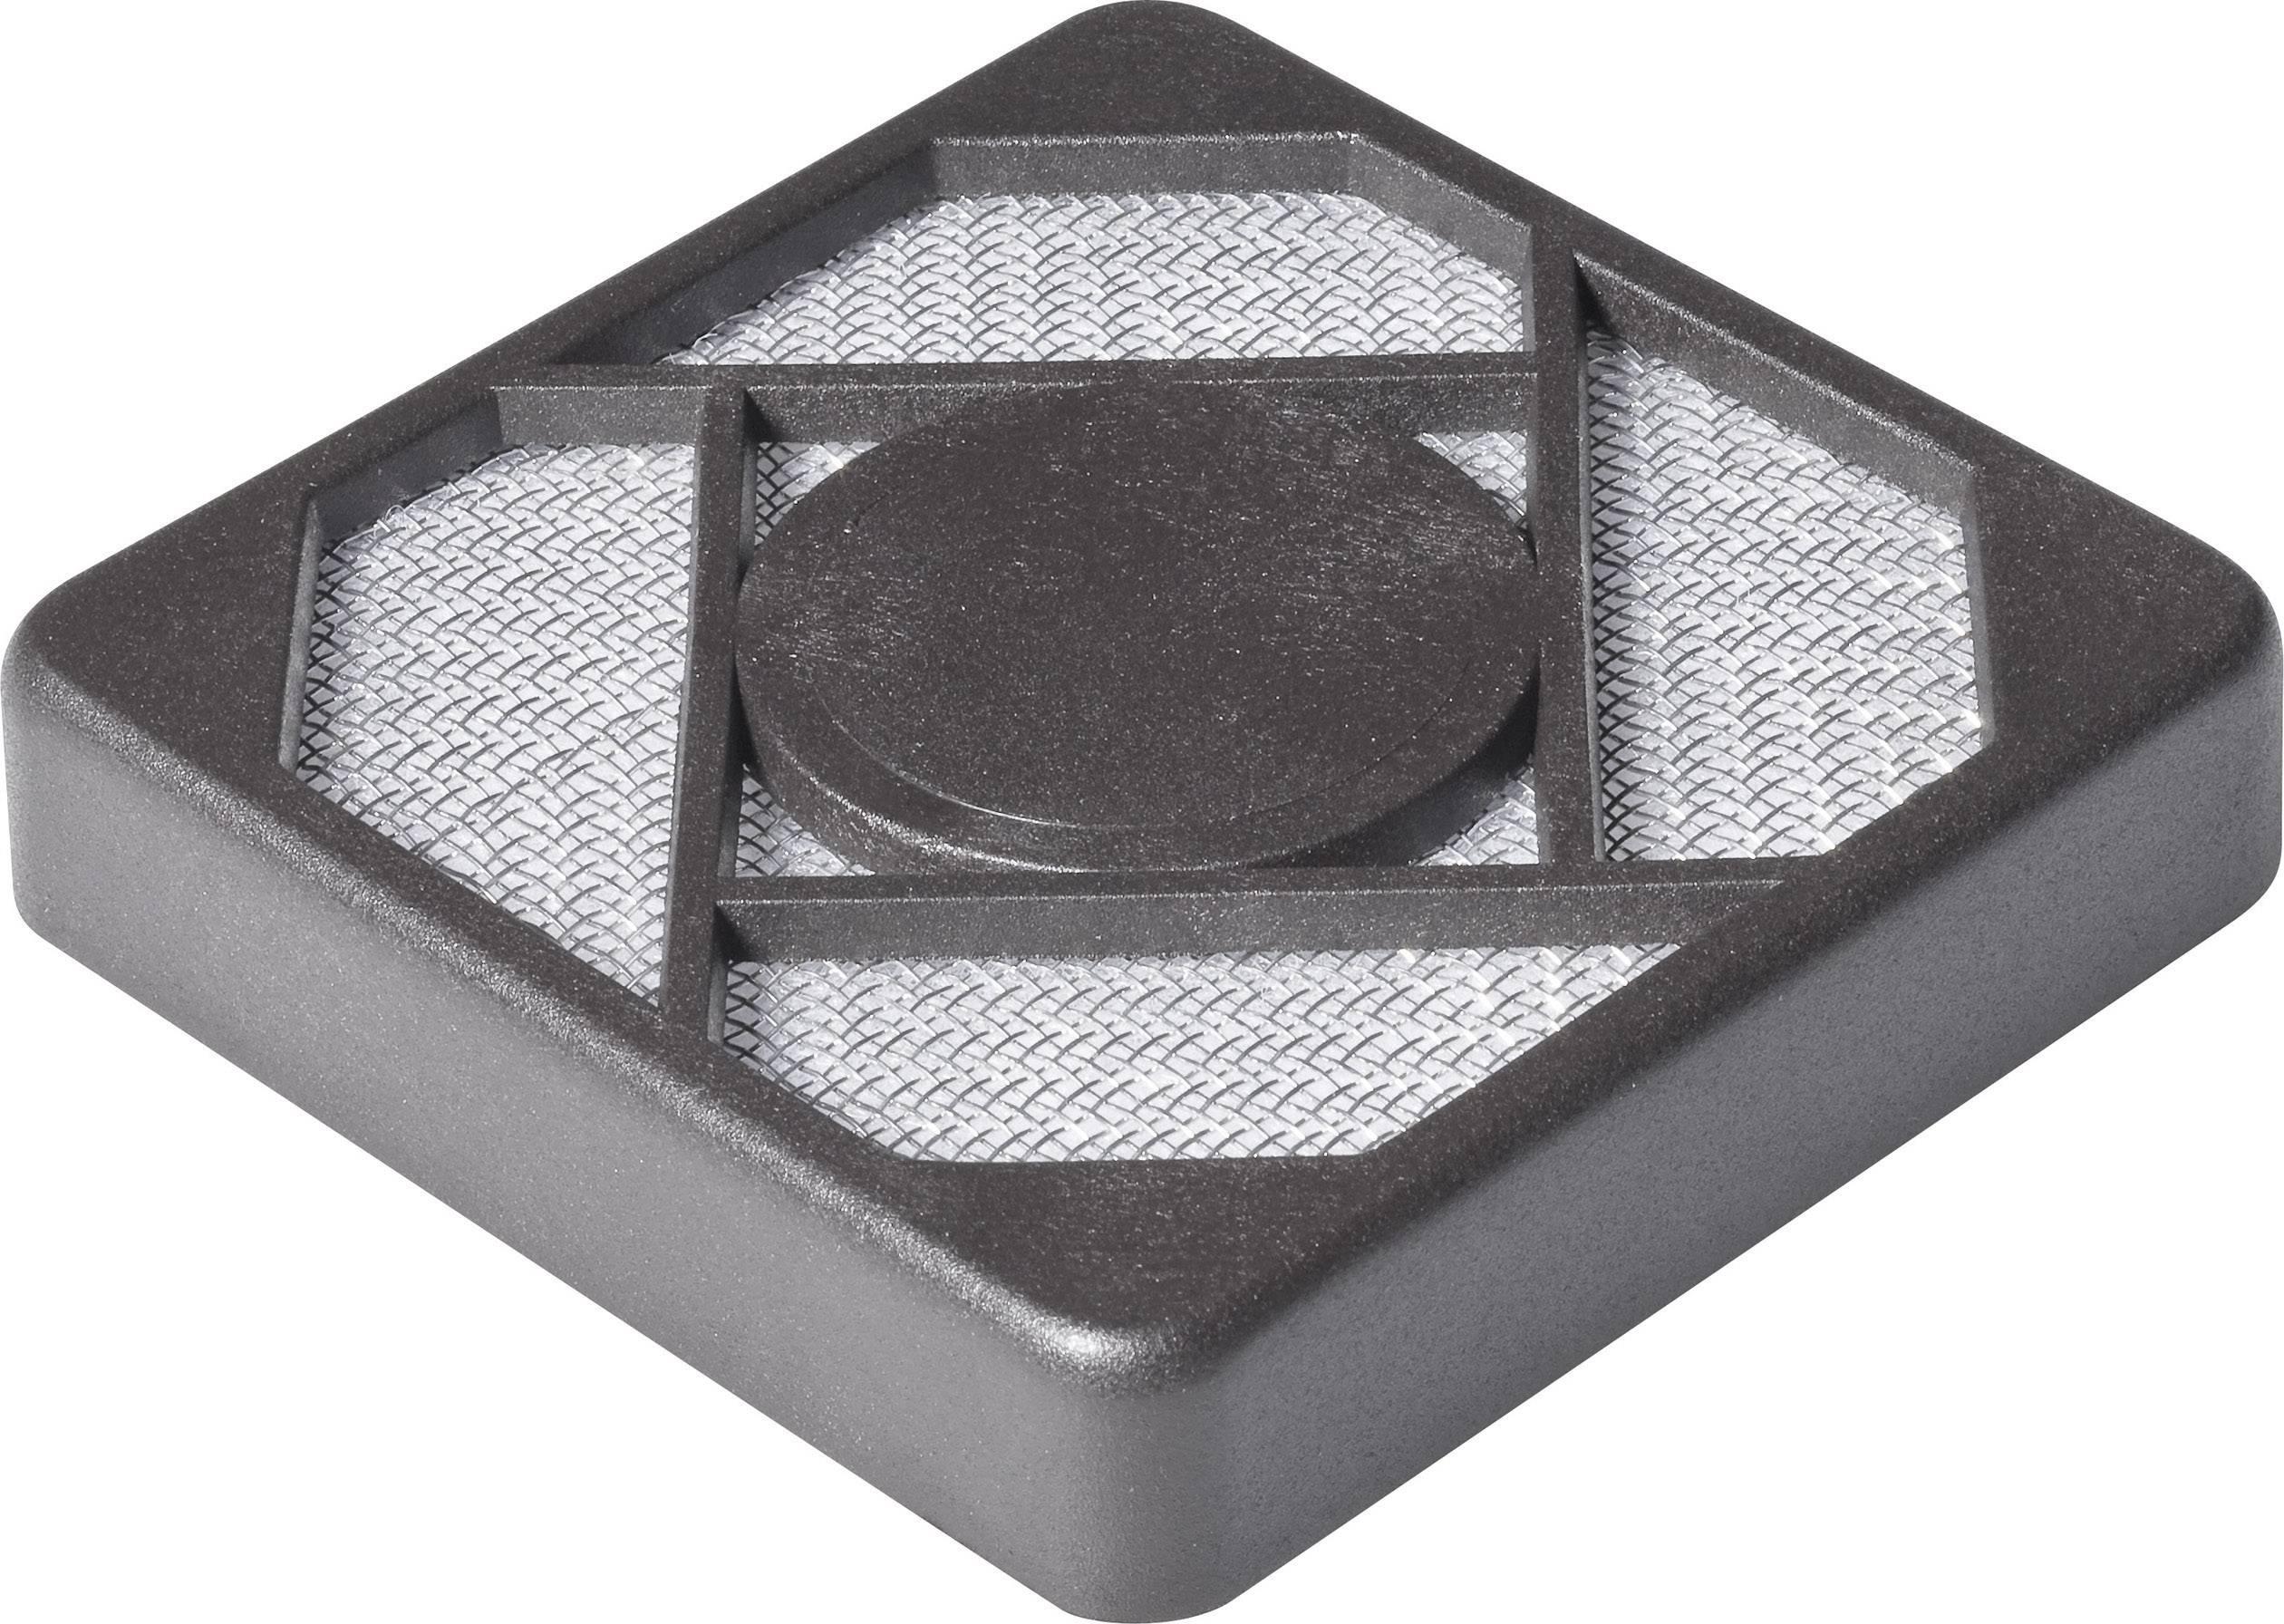 Kryt ventilátoru s filtrační vložkou RCP-T Richco RCP-040-T, 40 x 40 x 4.3 mm